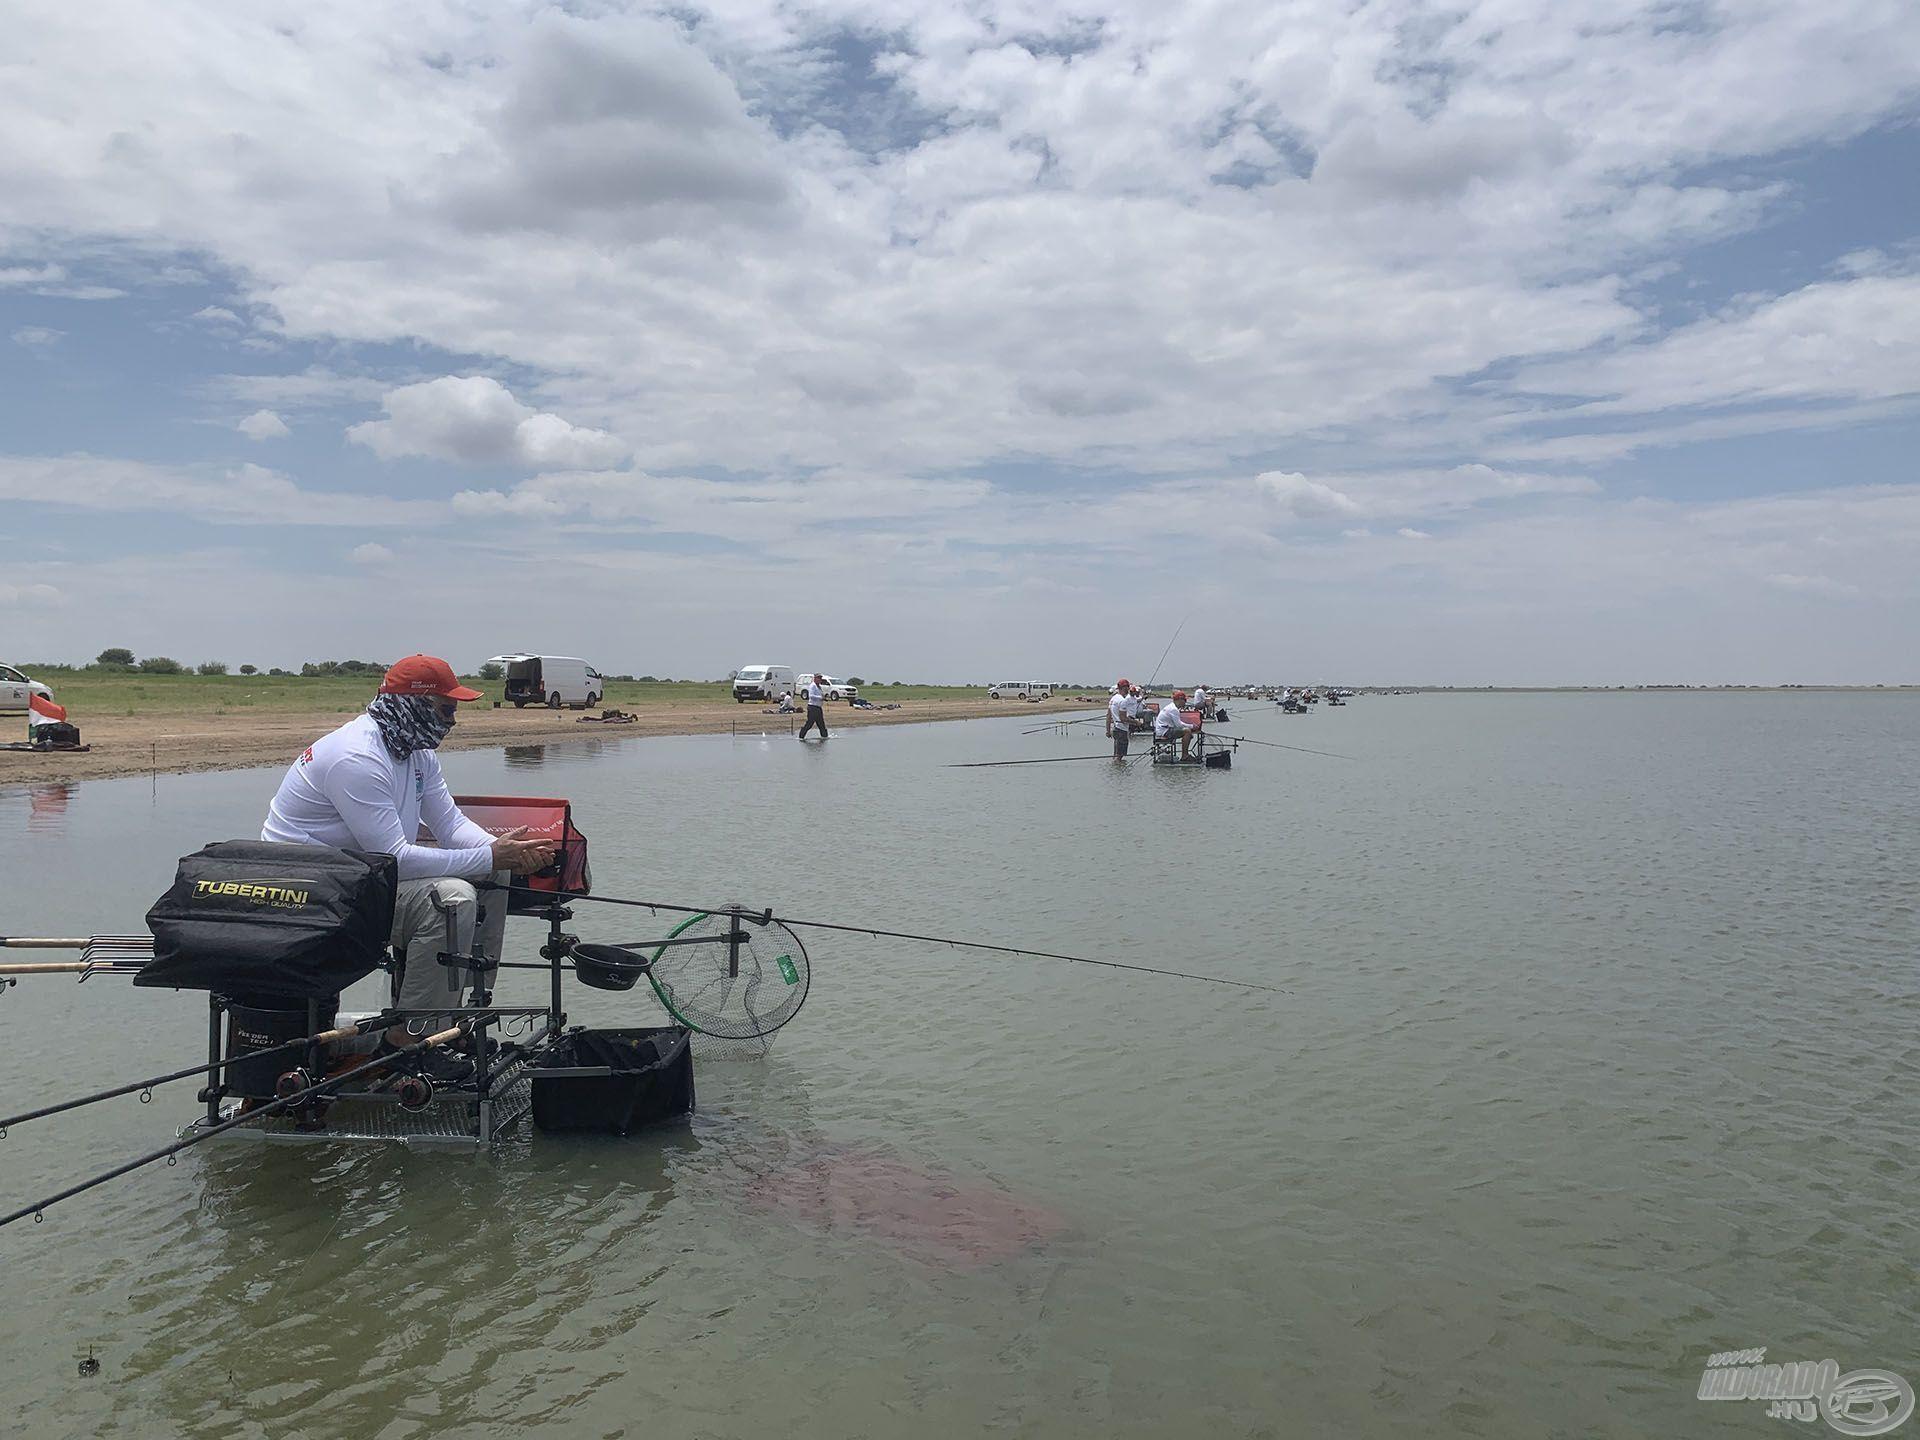 A hazai és nemzetközi versenyeken is bizonyítjuk, hogy értünk a feederbotos horgászathoz